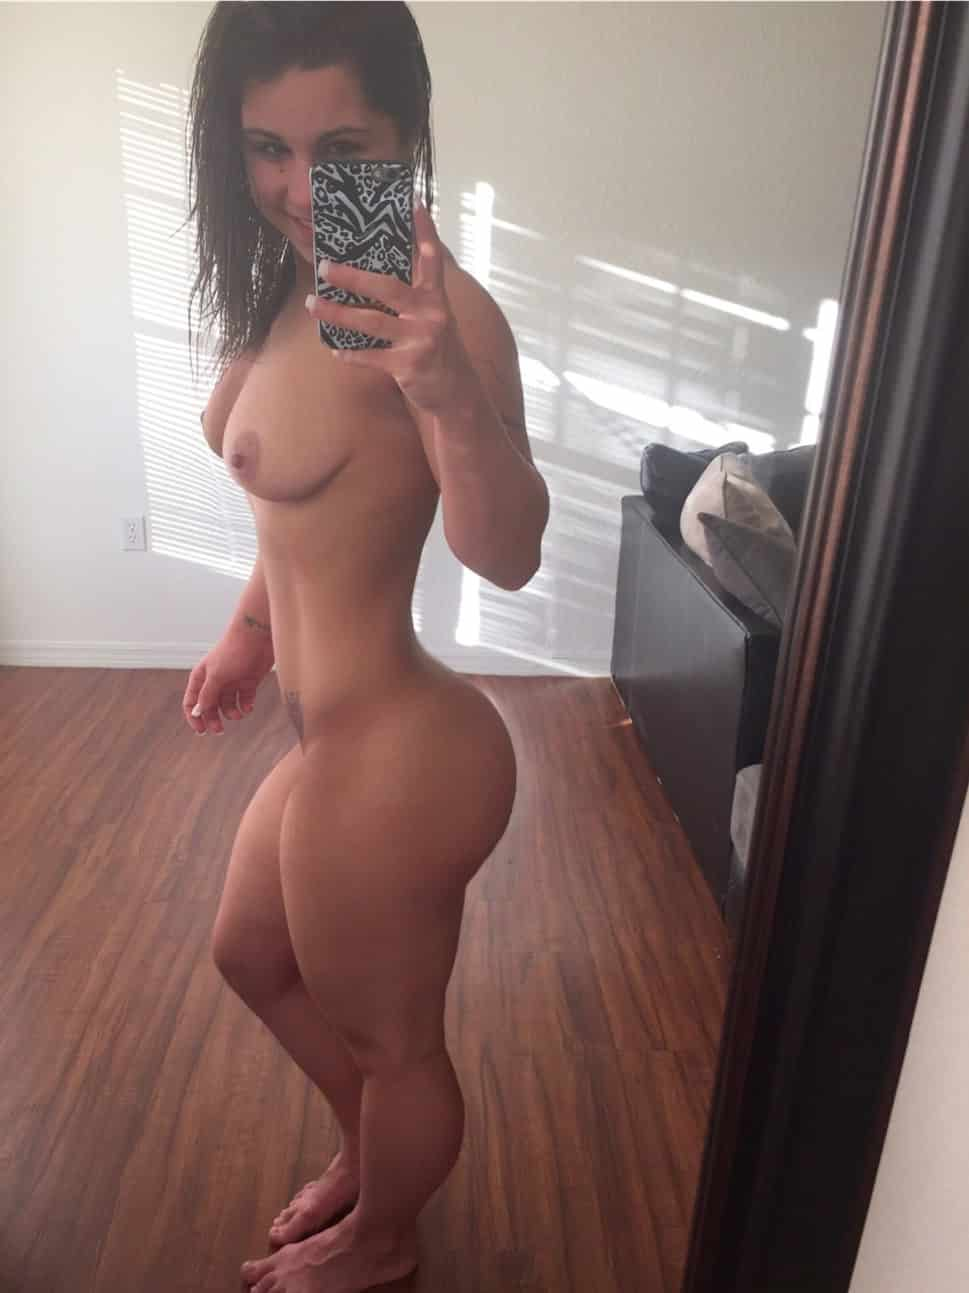 Parejas Porno Amater fotos porno, galerías xxx, mujeres desnudas   suiteporno